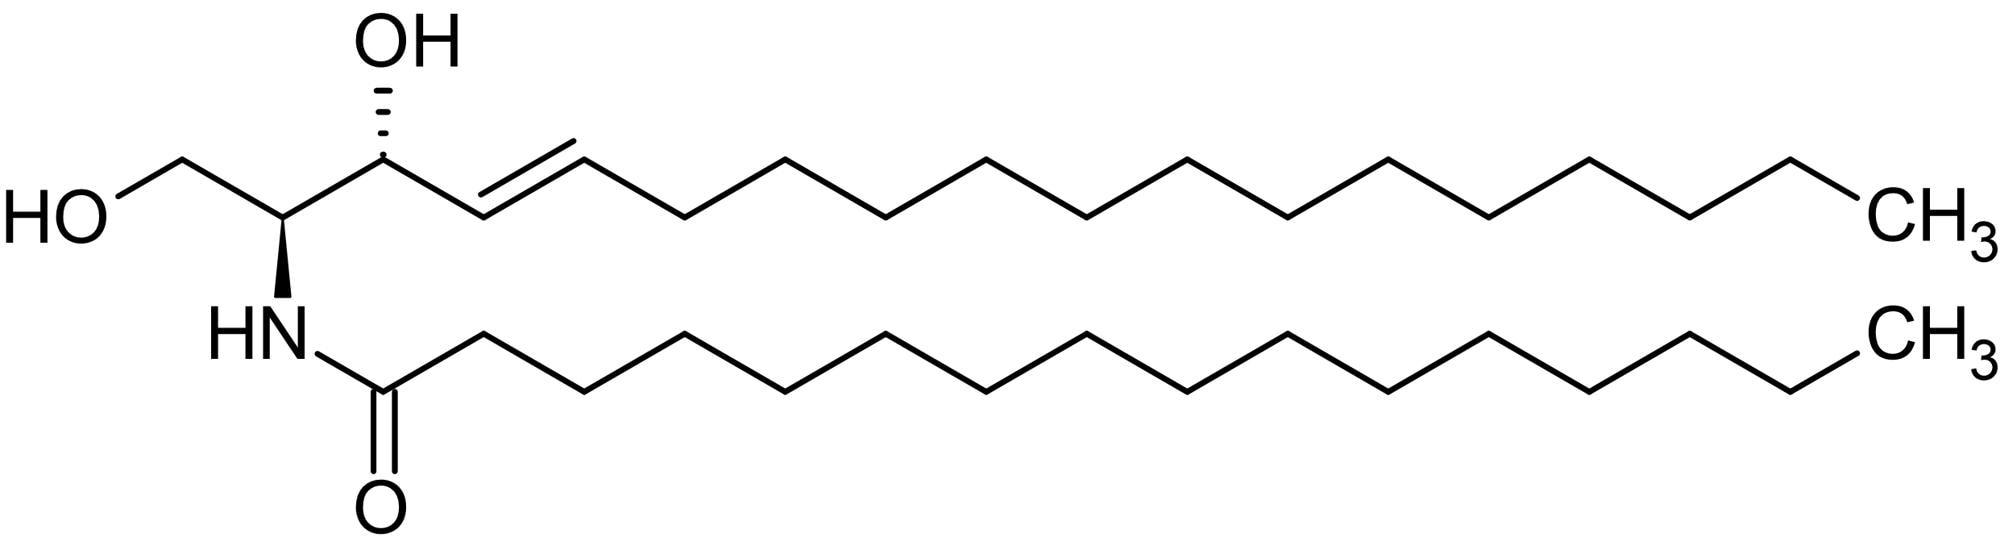 Chemical Structure - C16 Ceramide (Palmitoyl ceramide), Endogenous ceramide (ab141747)